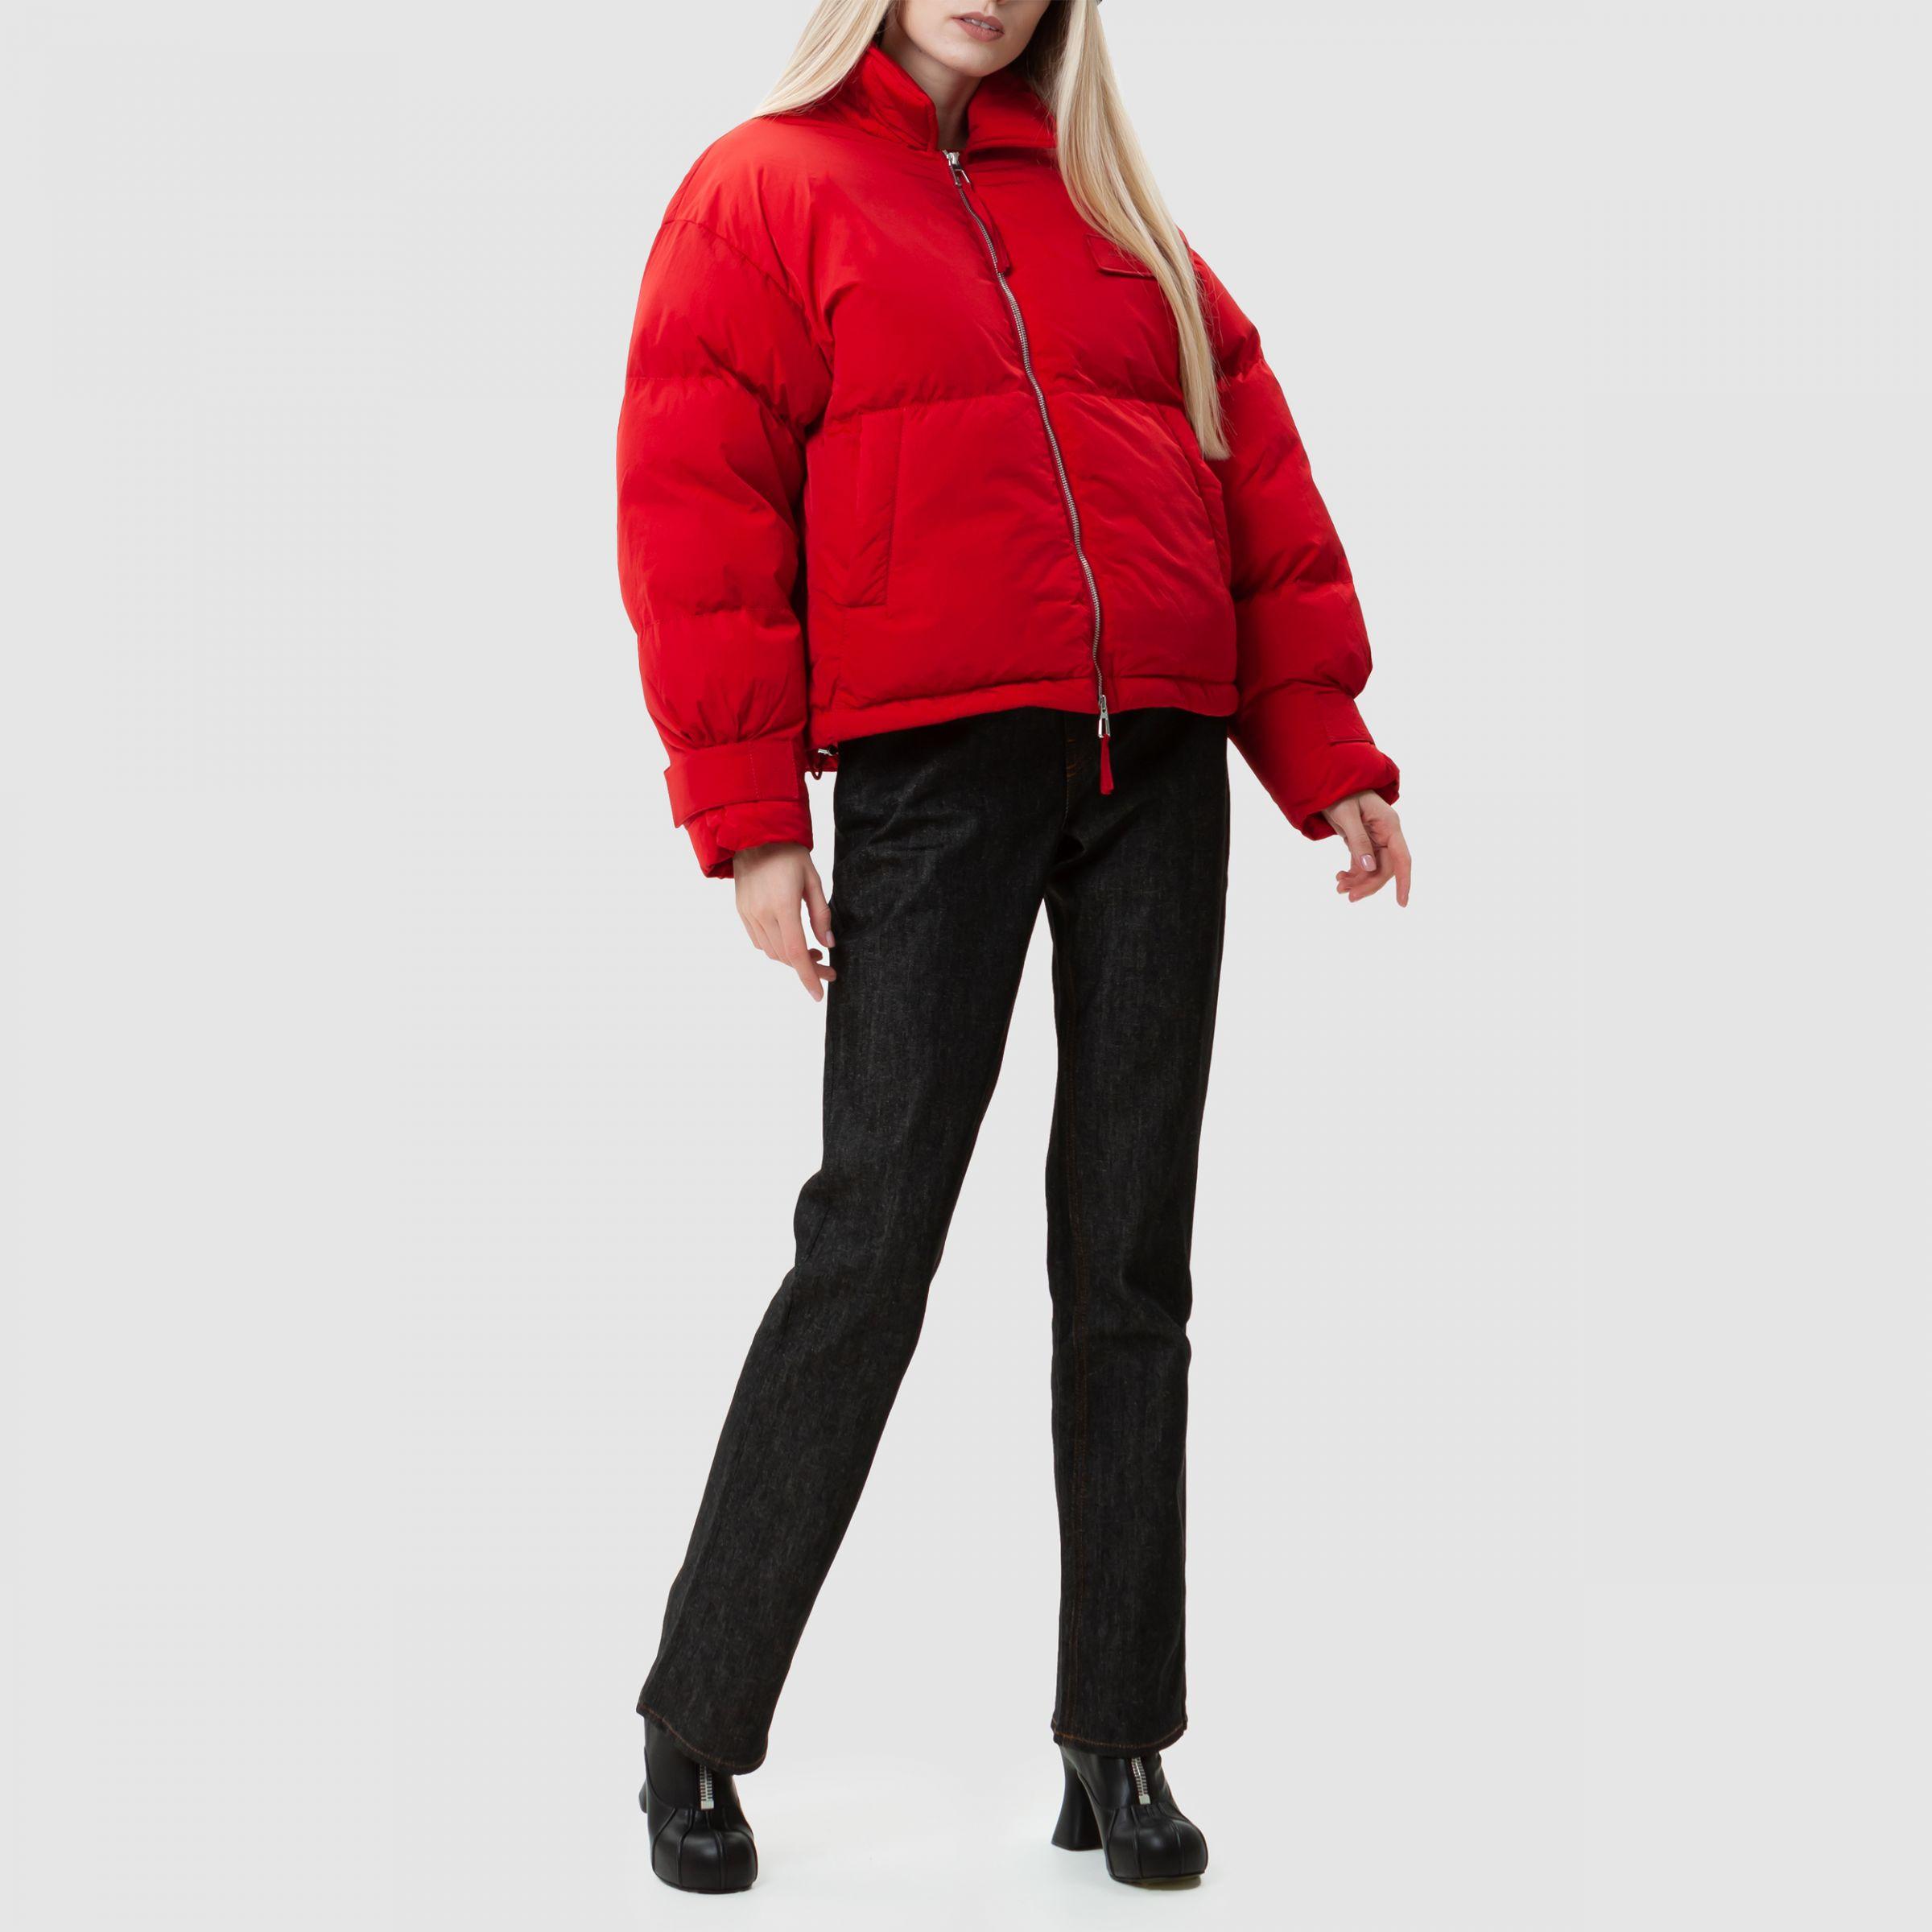 Куртка Jacquemus La doudoune Flocon красная